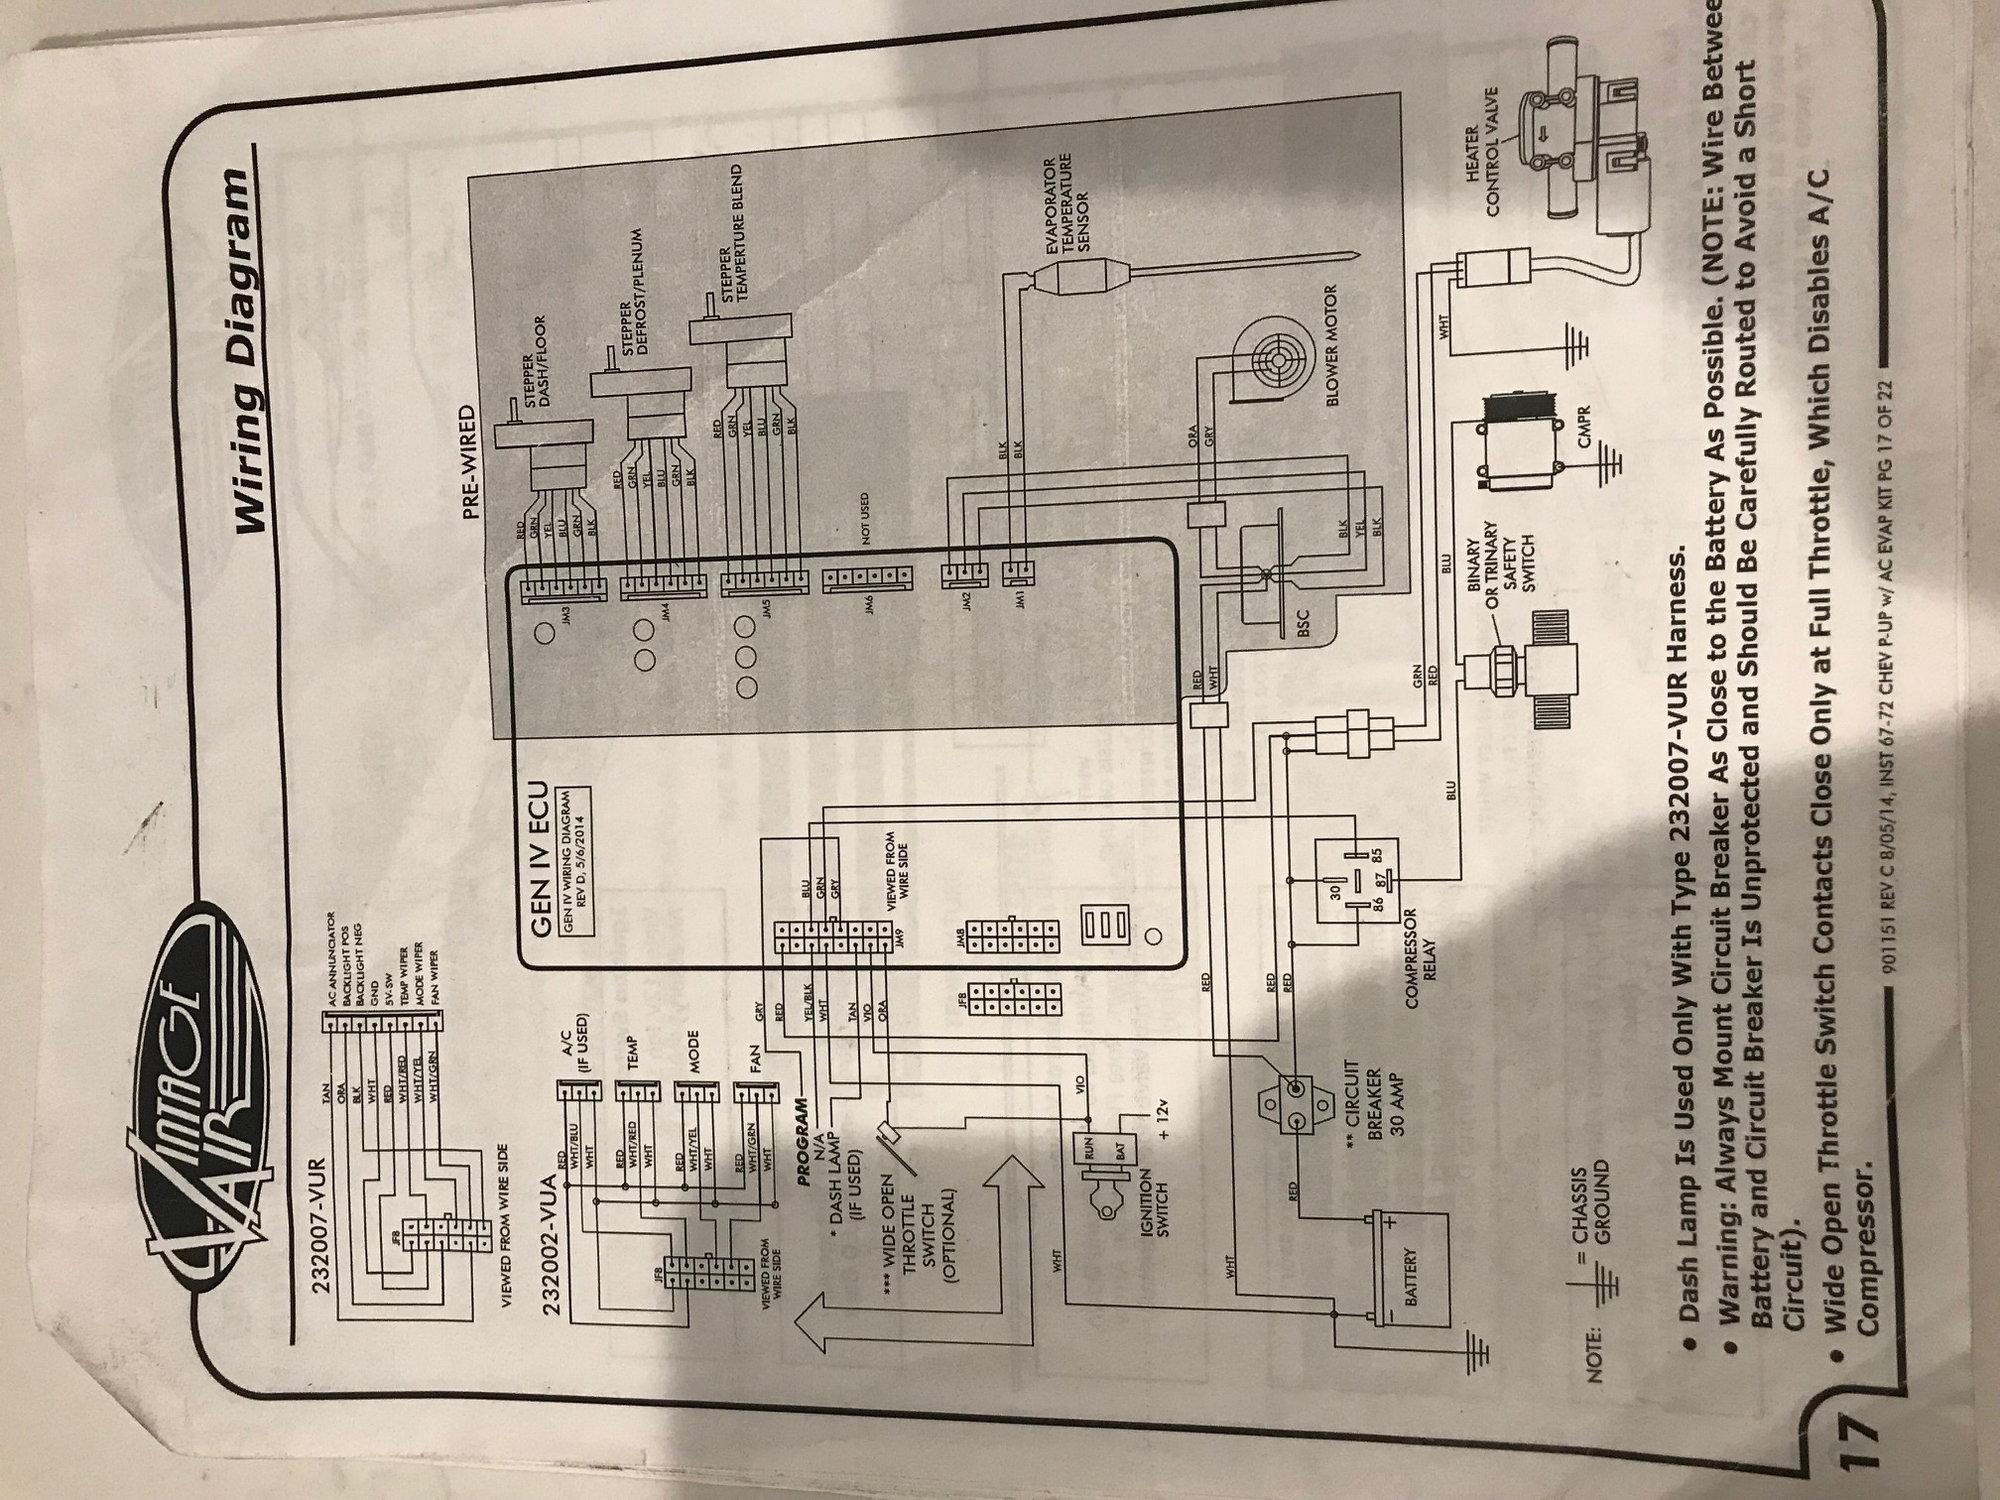 Dakota Digital Wiring Schematic. . Wiring Diagram on